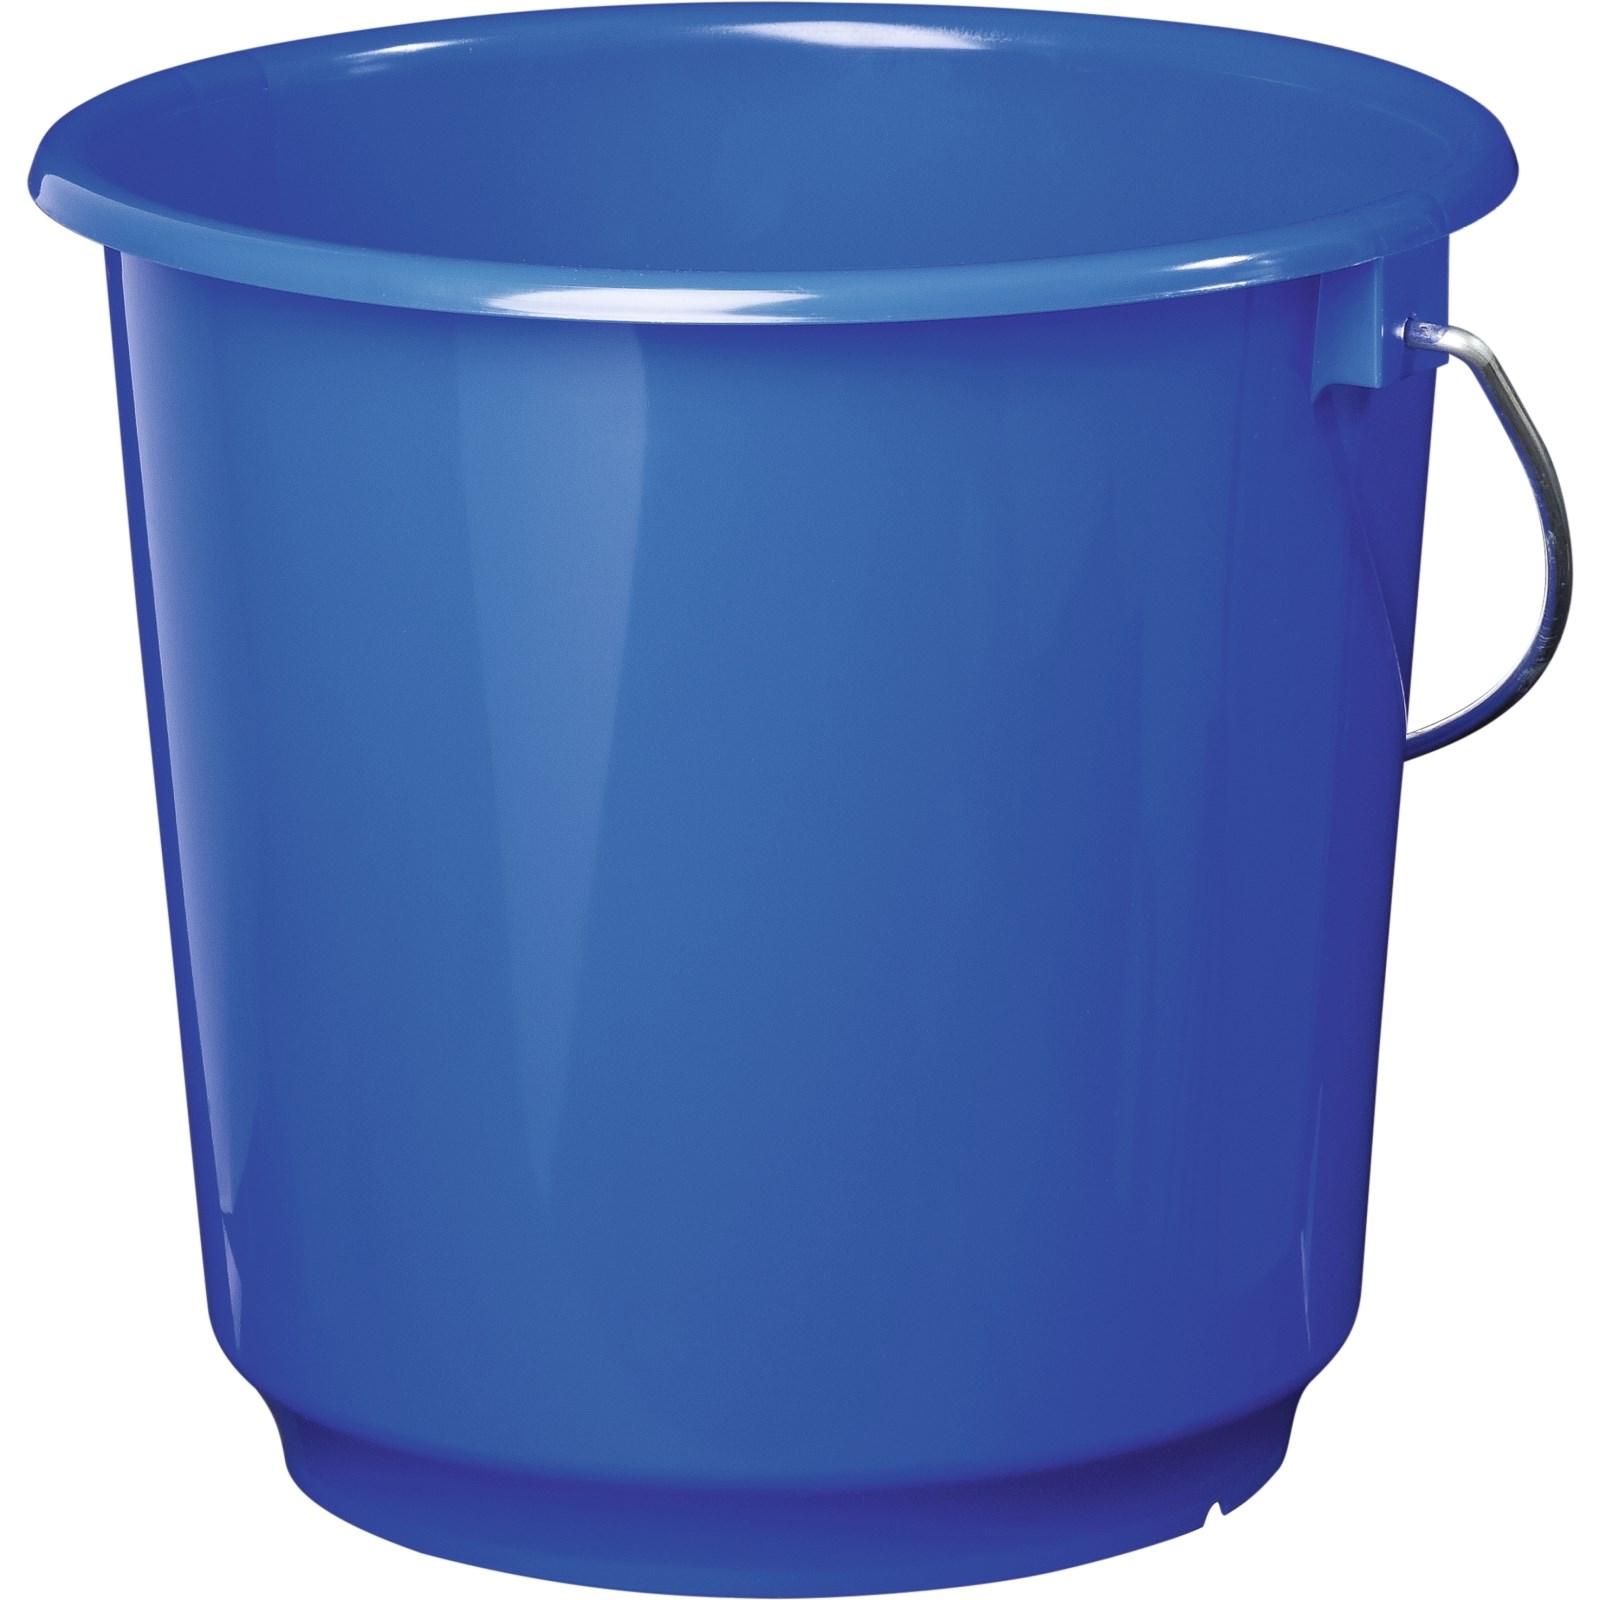 Berühmt Wasserkessel Plastik 10 l - Eimer und Kessel - LANDI JM68